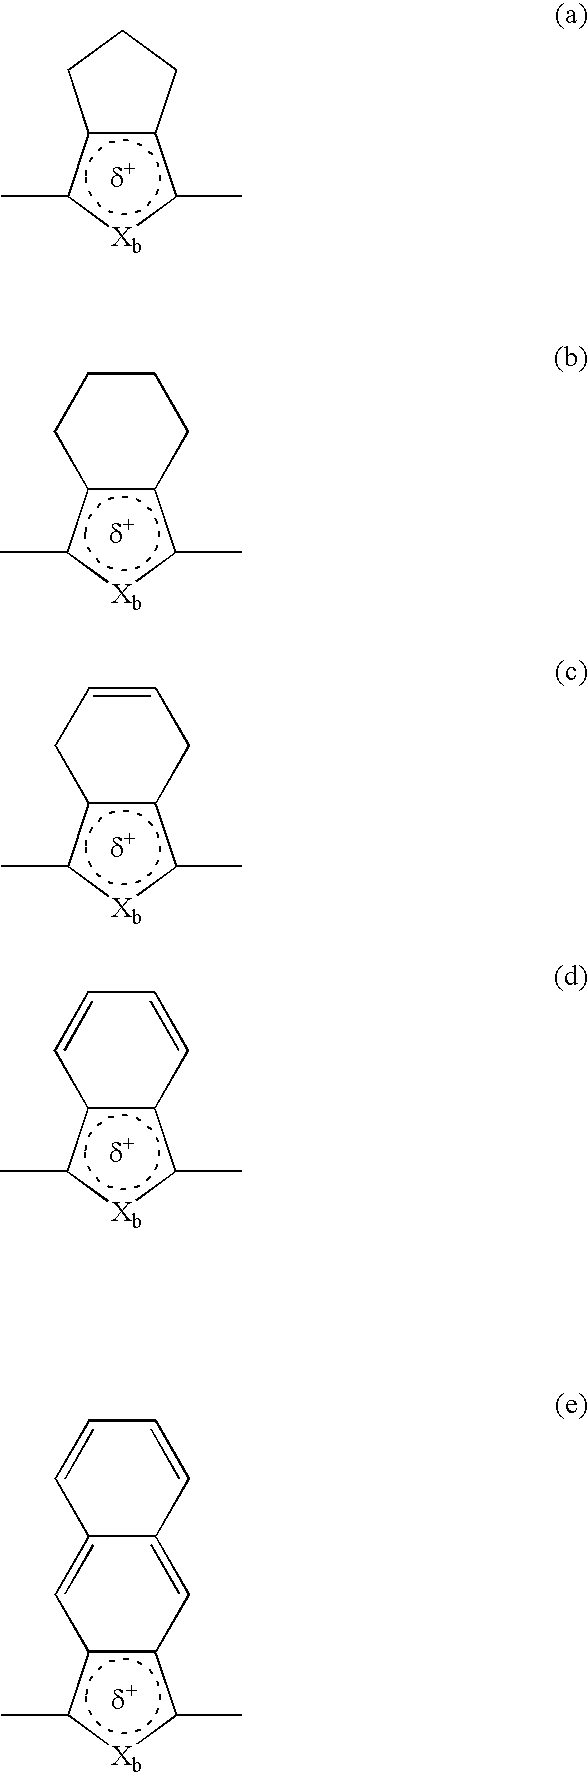 Figure US20060179627A1-20060817-C00010